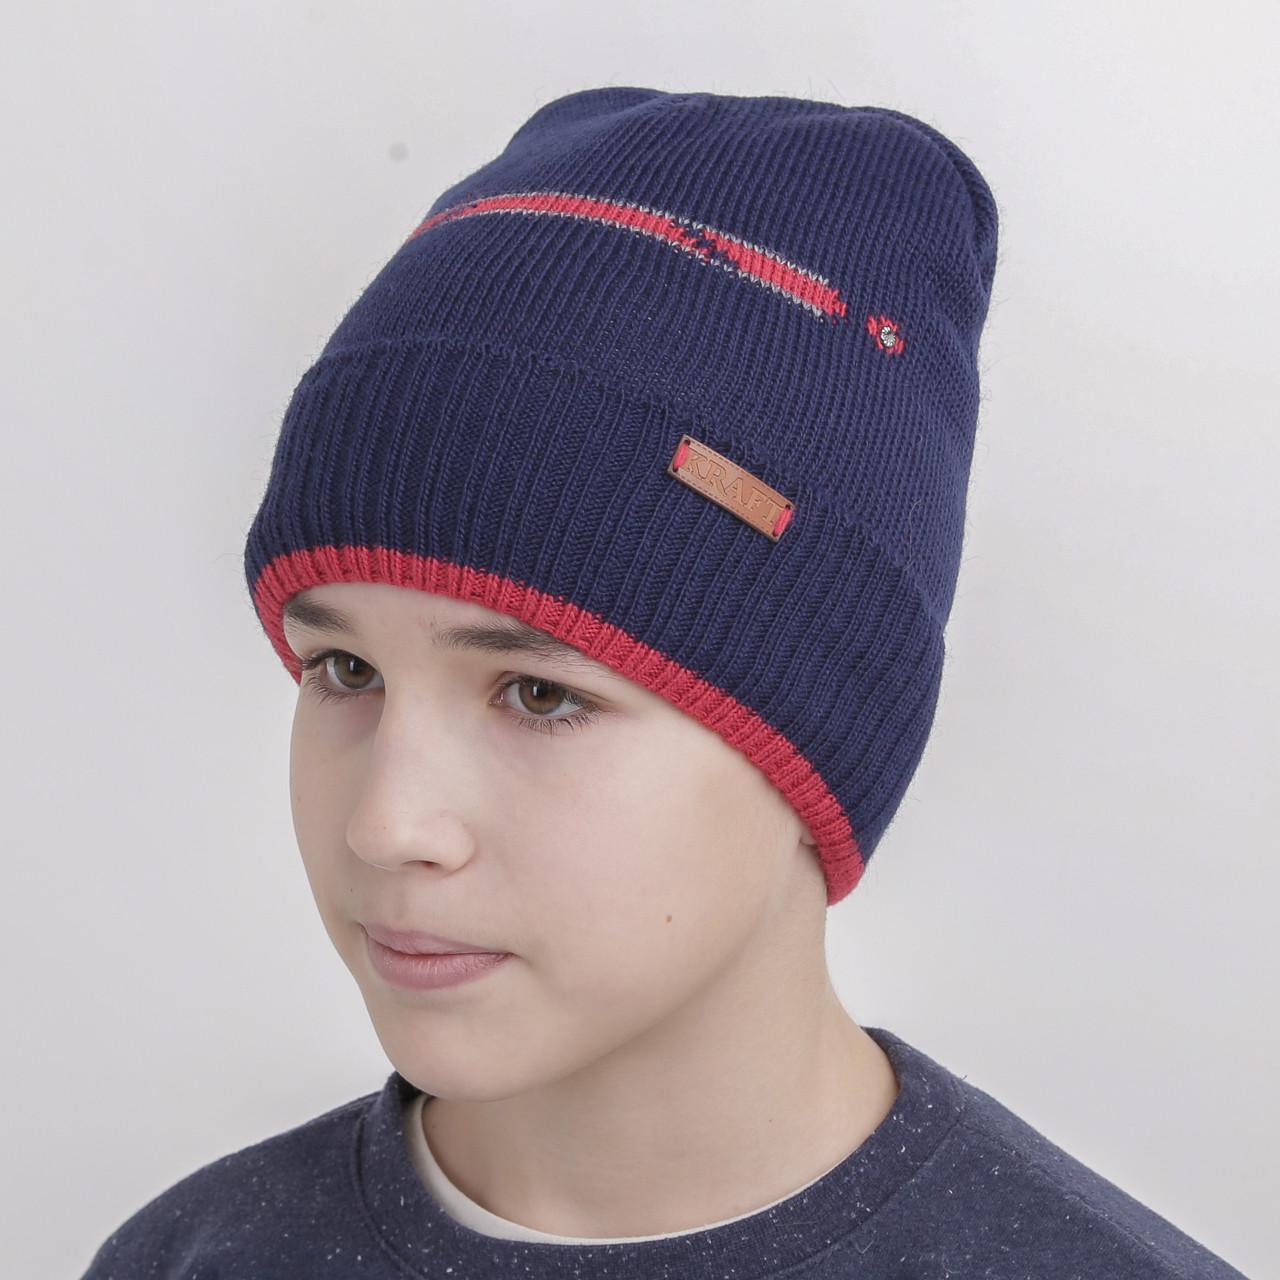 Шапка для мальчика подростка на флисе - Артикул 1079 (синий с красным)